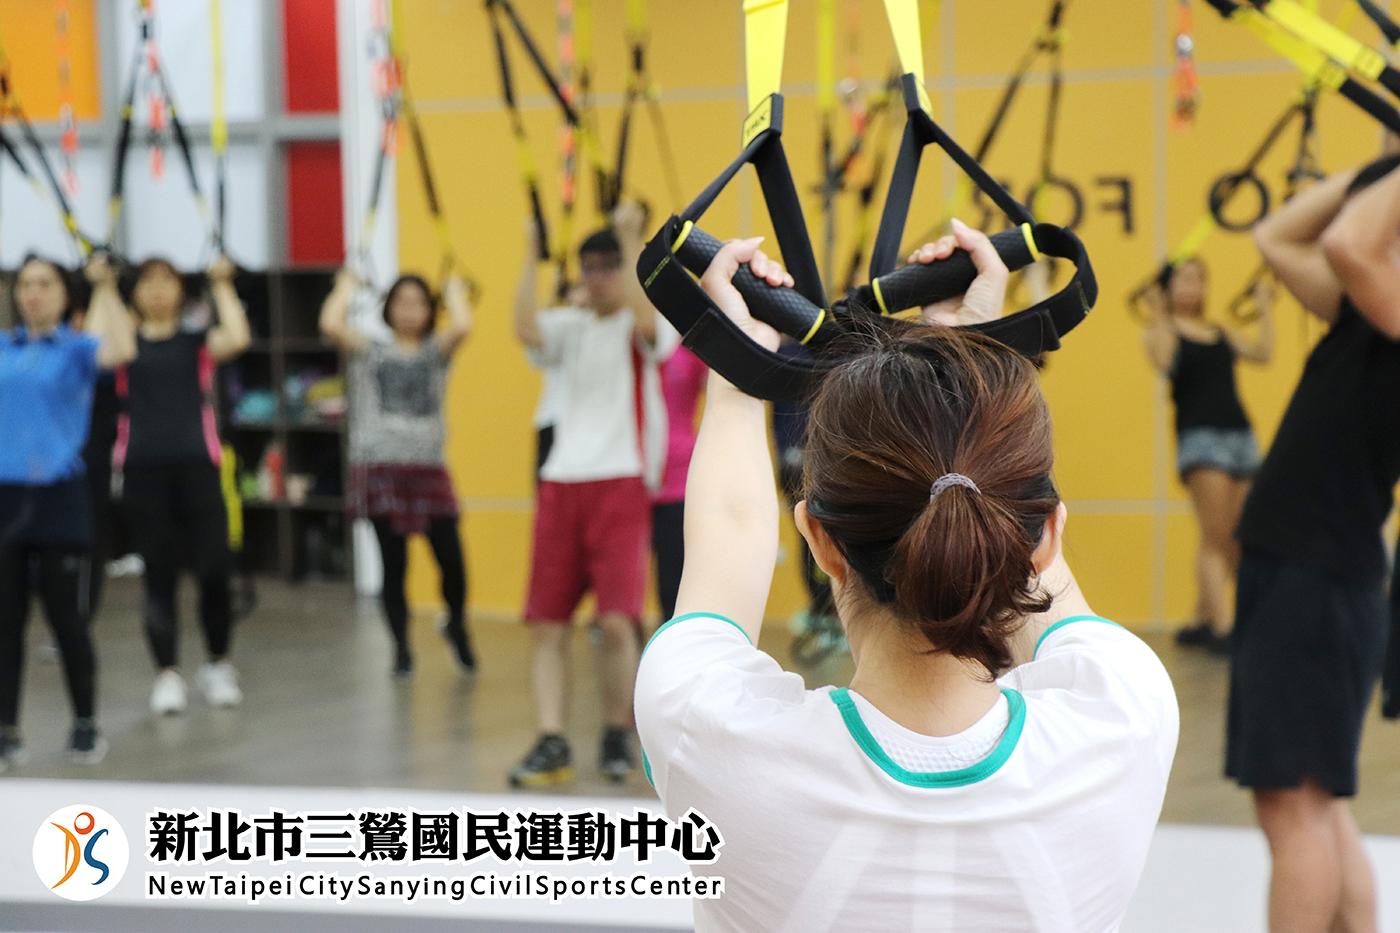 多功能教室A-學員操作吊繩(jpg)